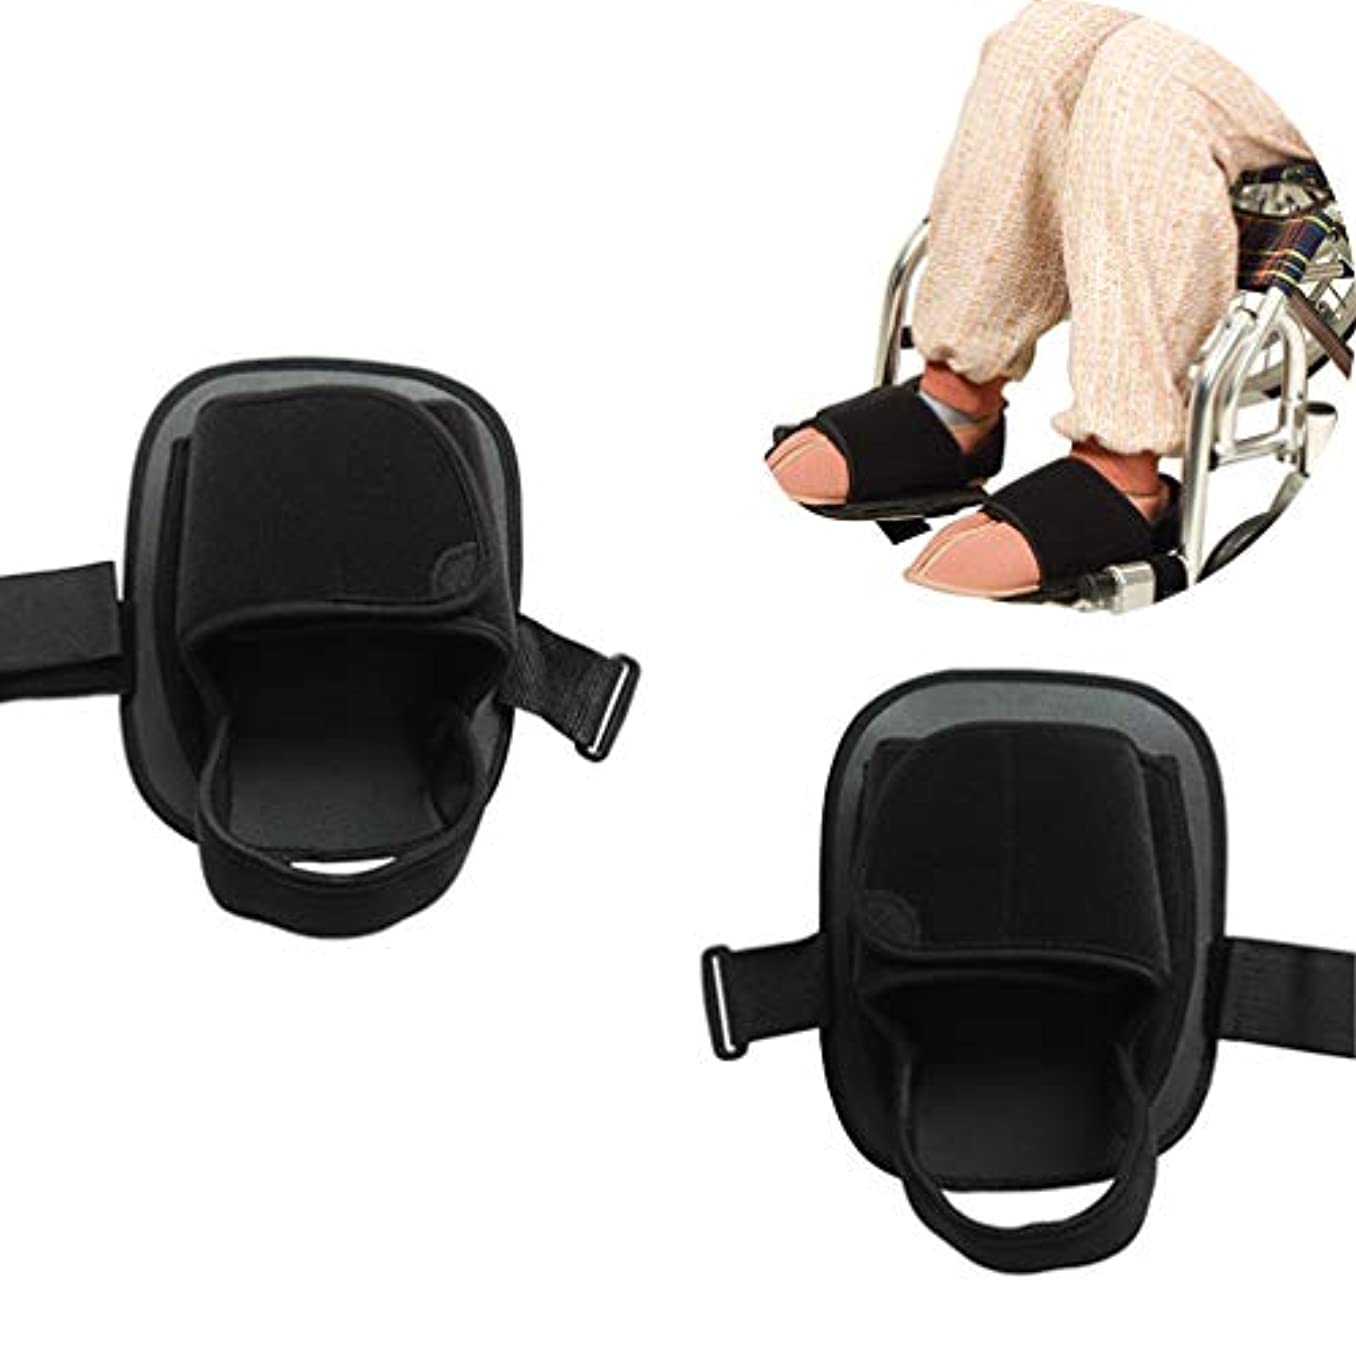 立ち向かう販売計画ナビゲーション安全車椅子の靴 - メディカルフット滑り止めの試験官 - - 車椅子ペダルフット休符男性女性から滑り落ちるの足をキープ高齢患者ハンディキャップのために回復